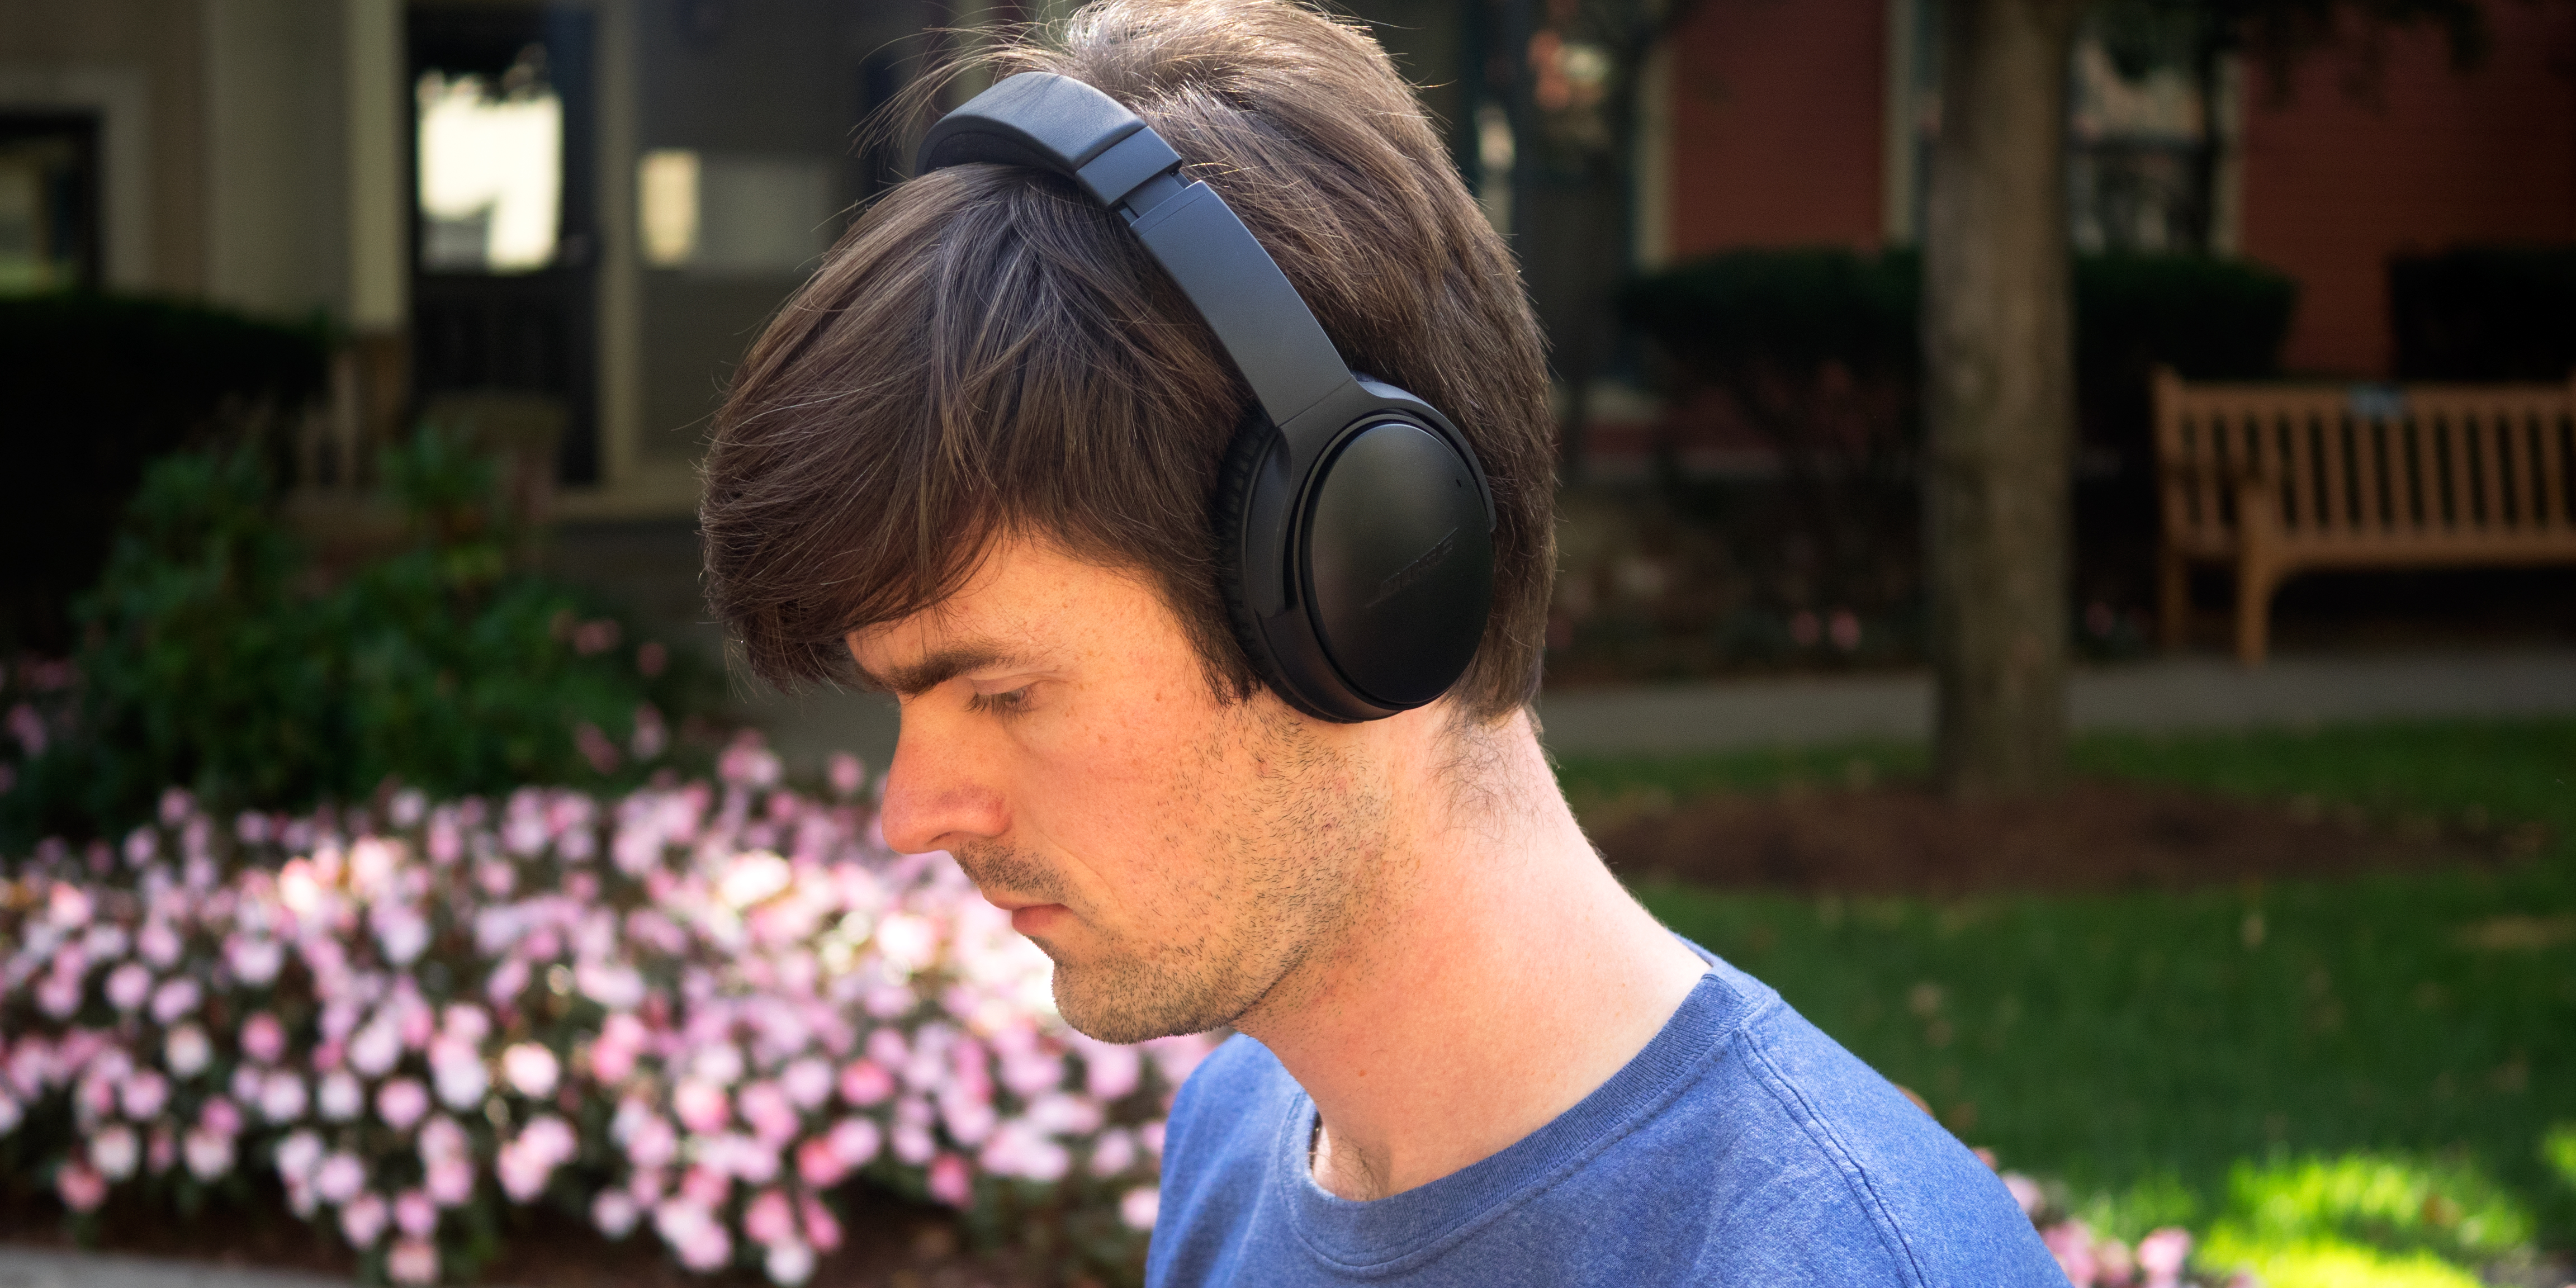 Bose Quietcomfort 35 Qc35 Wireless Headphones Review